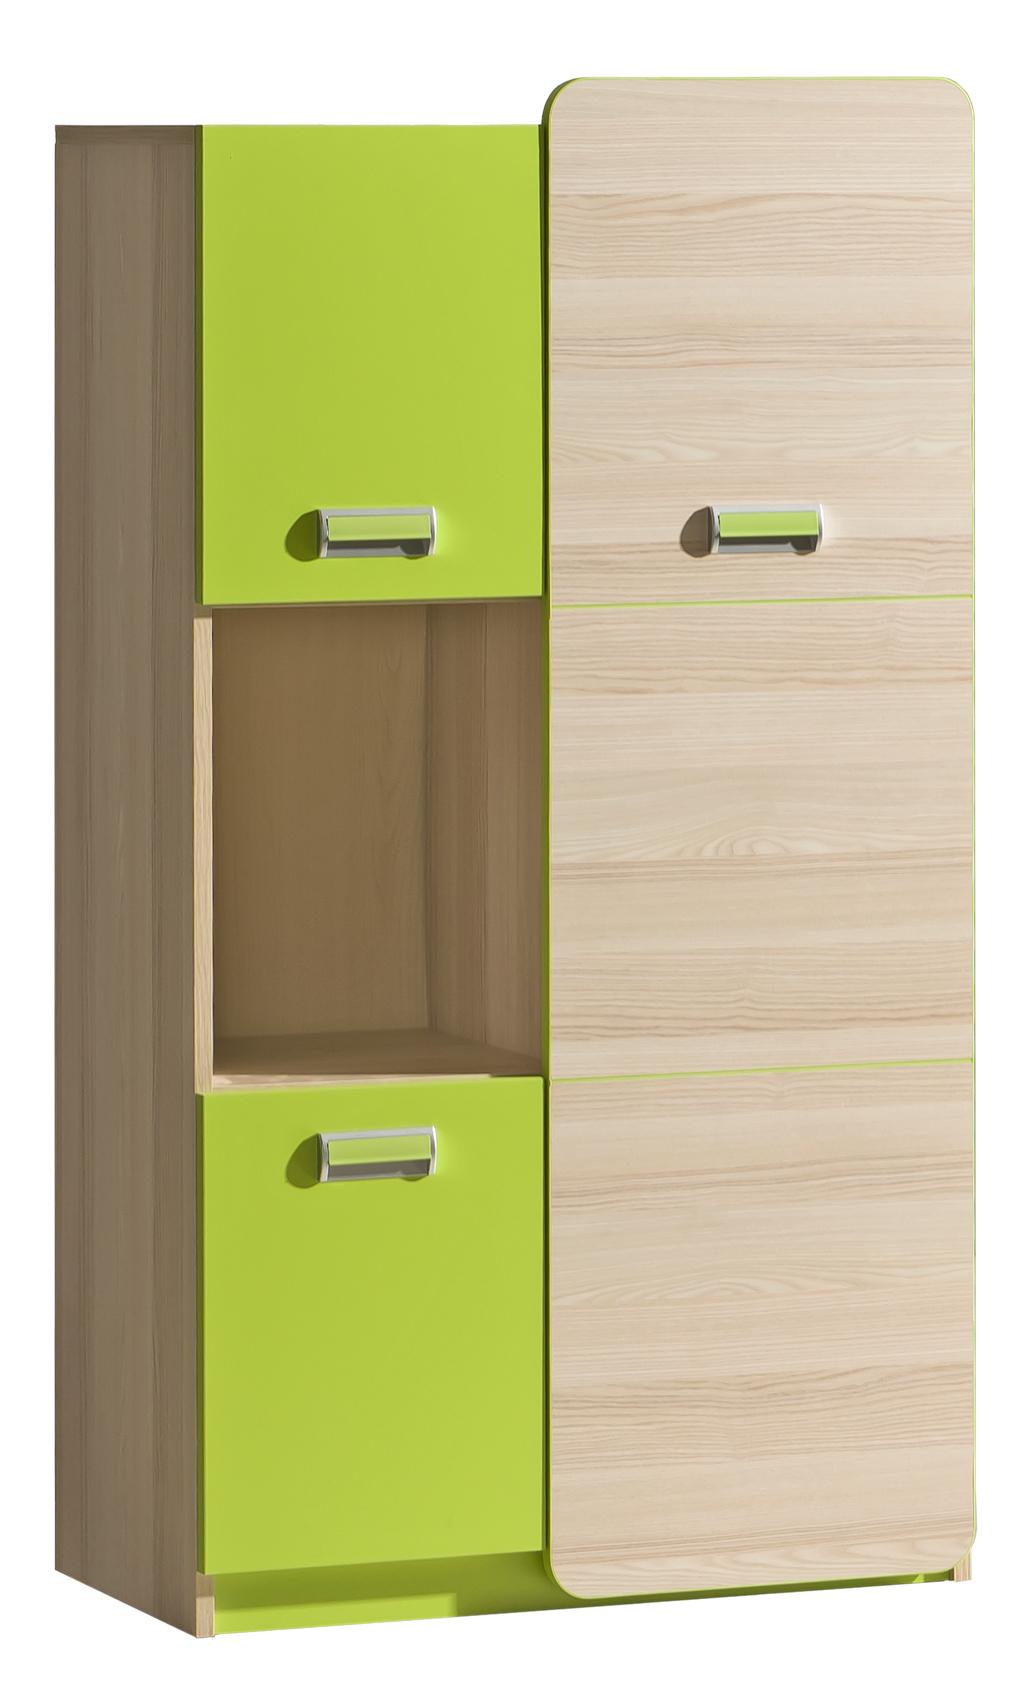 Dolmar Skrinka Lorento L5 Farba: Jaseň coimbra / zelená